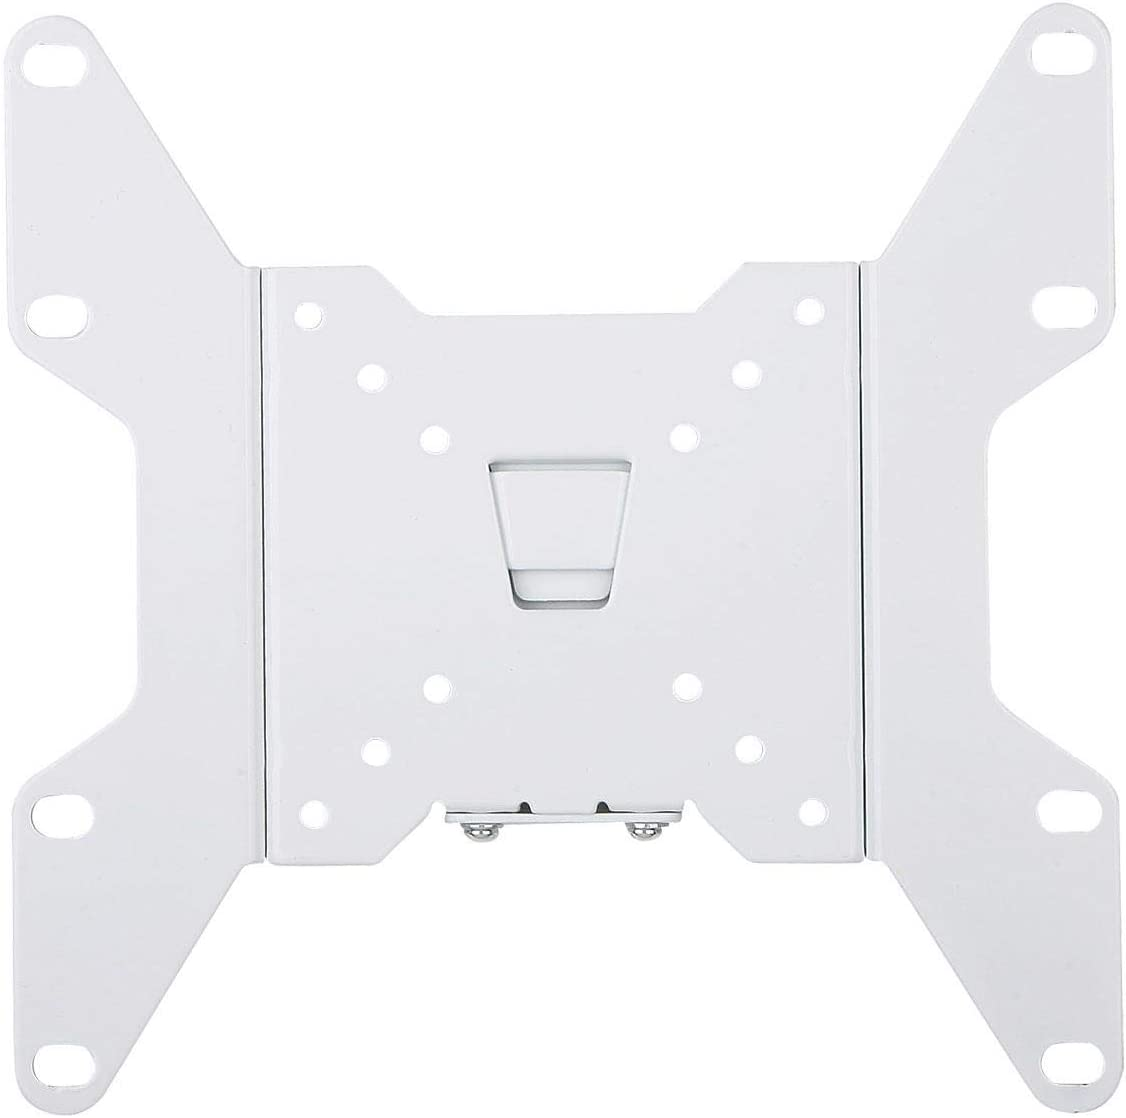 Techly Wandhalterung Für Lcd Tv Led 13 37 Weiß Elektronik